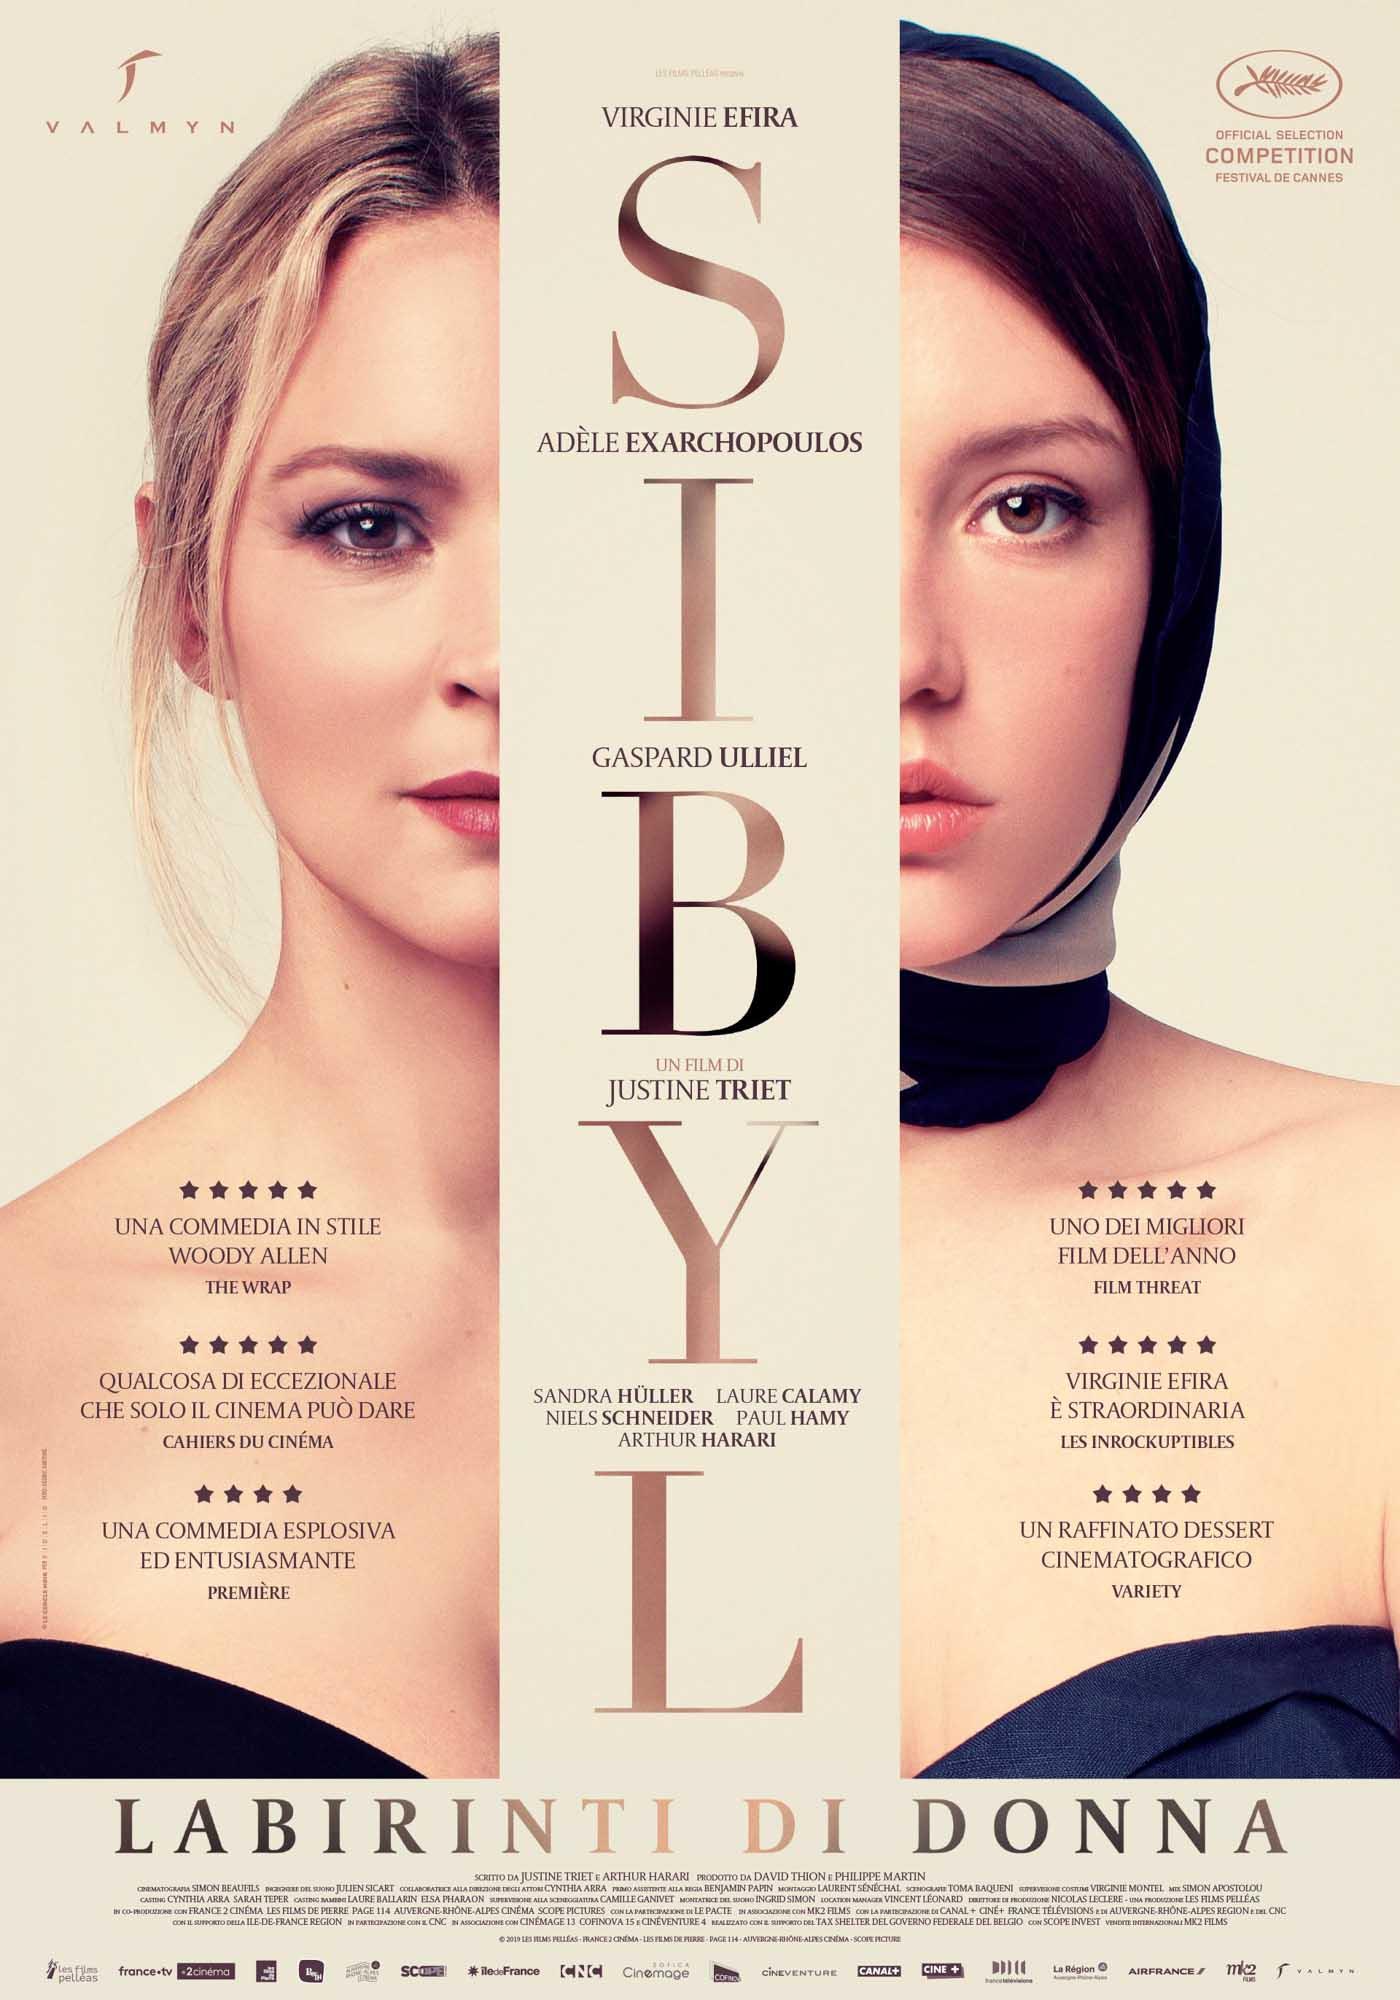 Sibyl Labirinti di donna